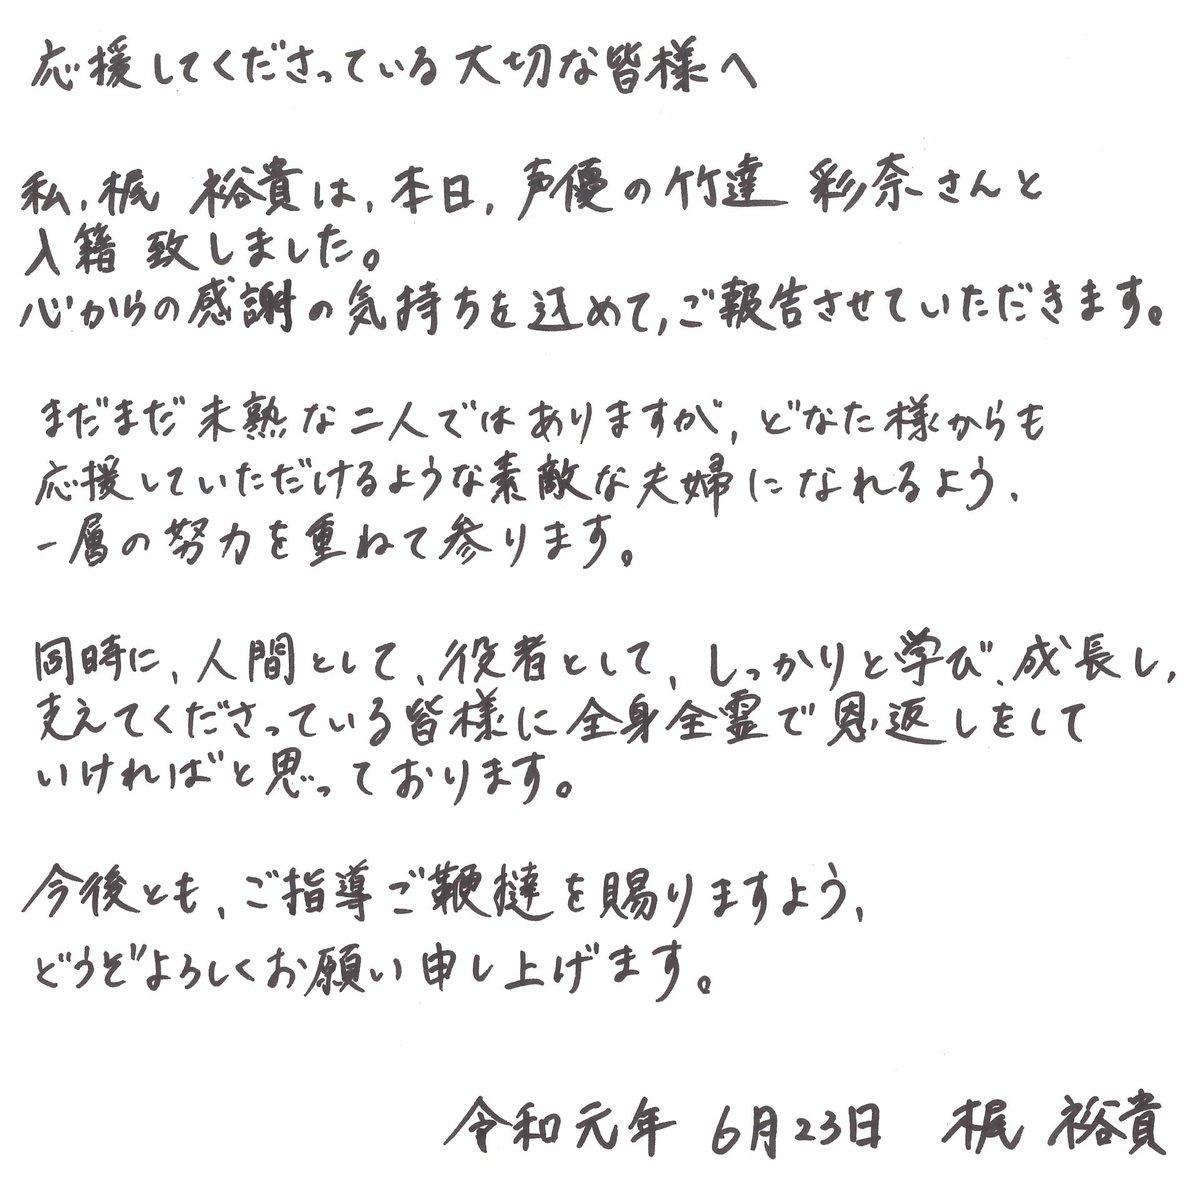 カロリークイーンマシソン 竹達彩奈 梶裕貴 ファッ ほーんに関連した画像-02